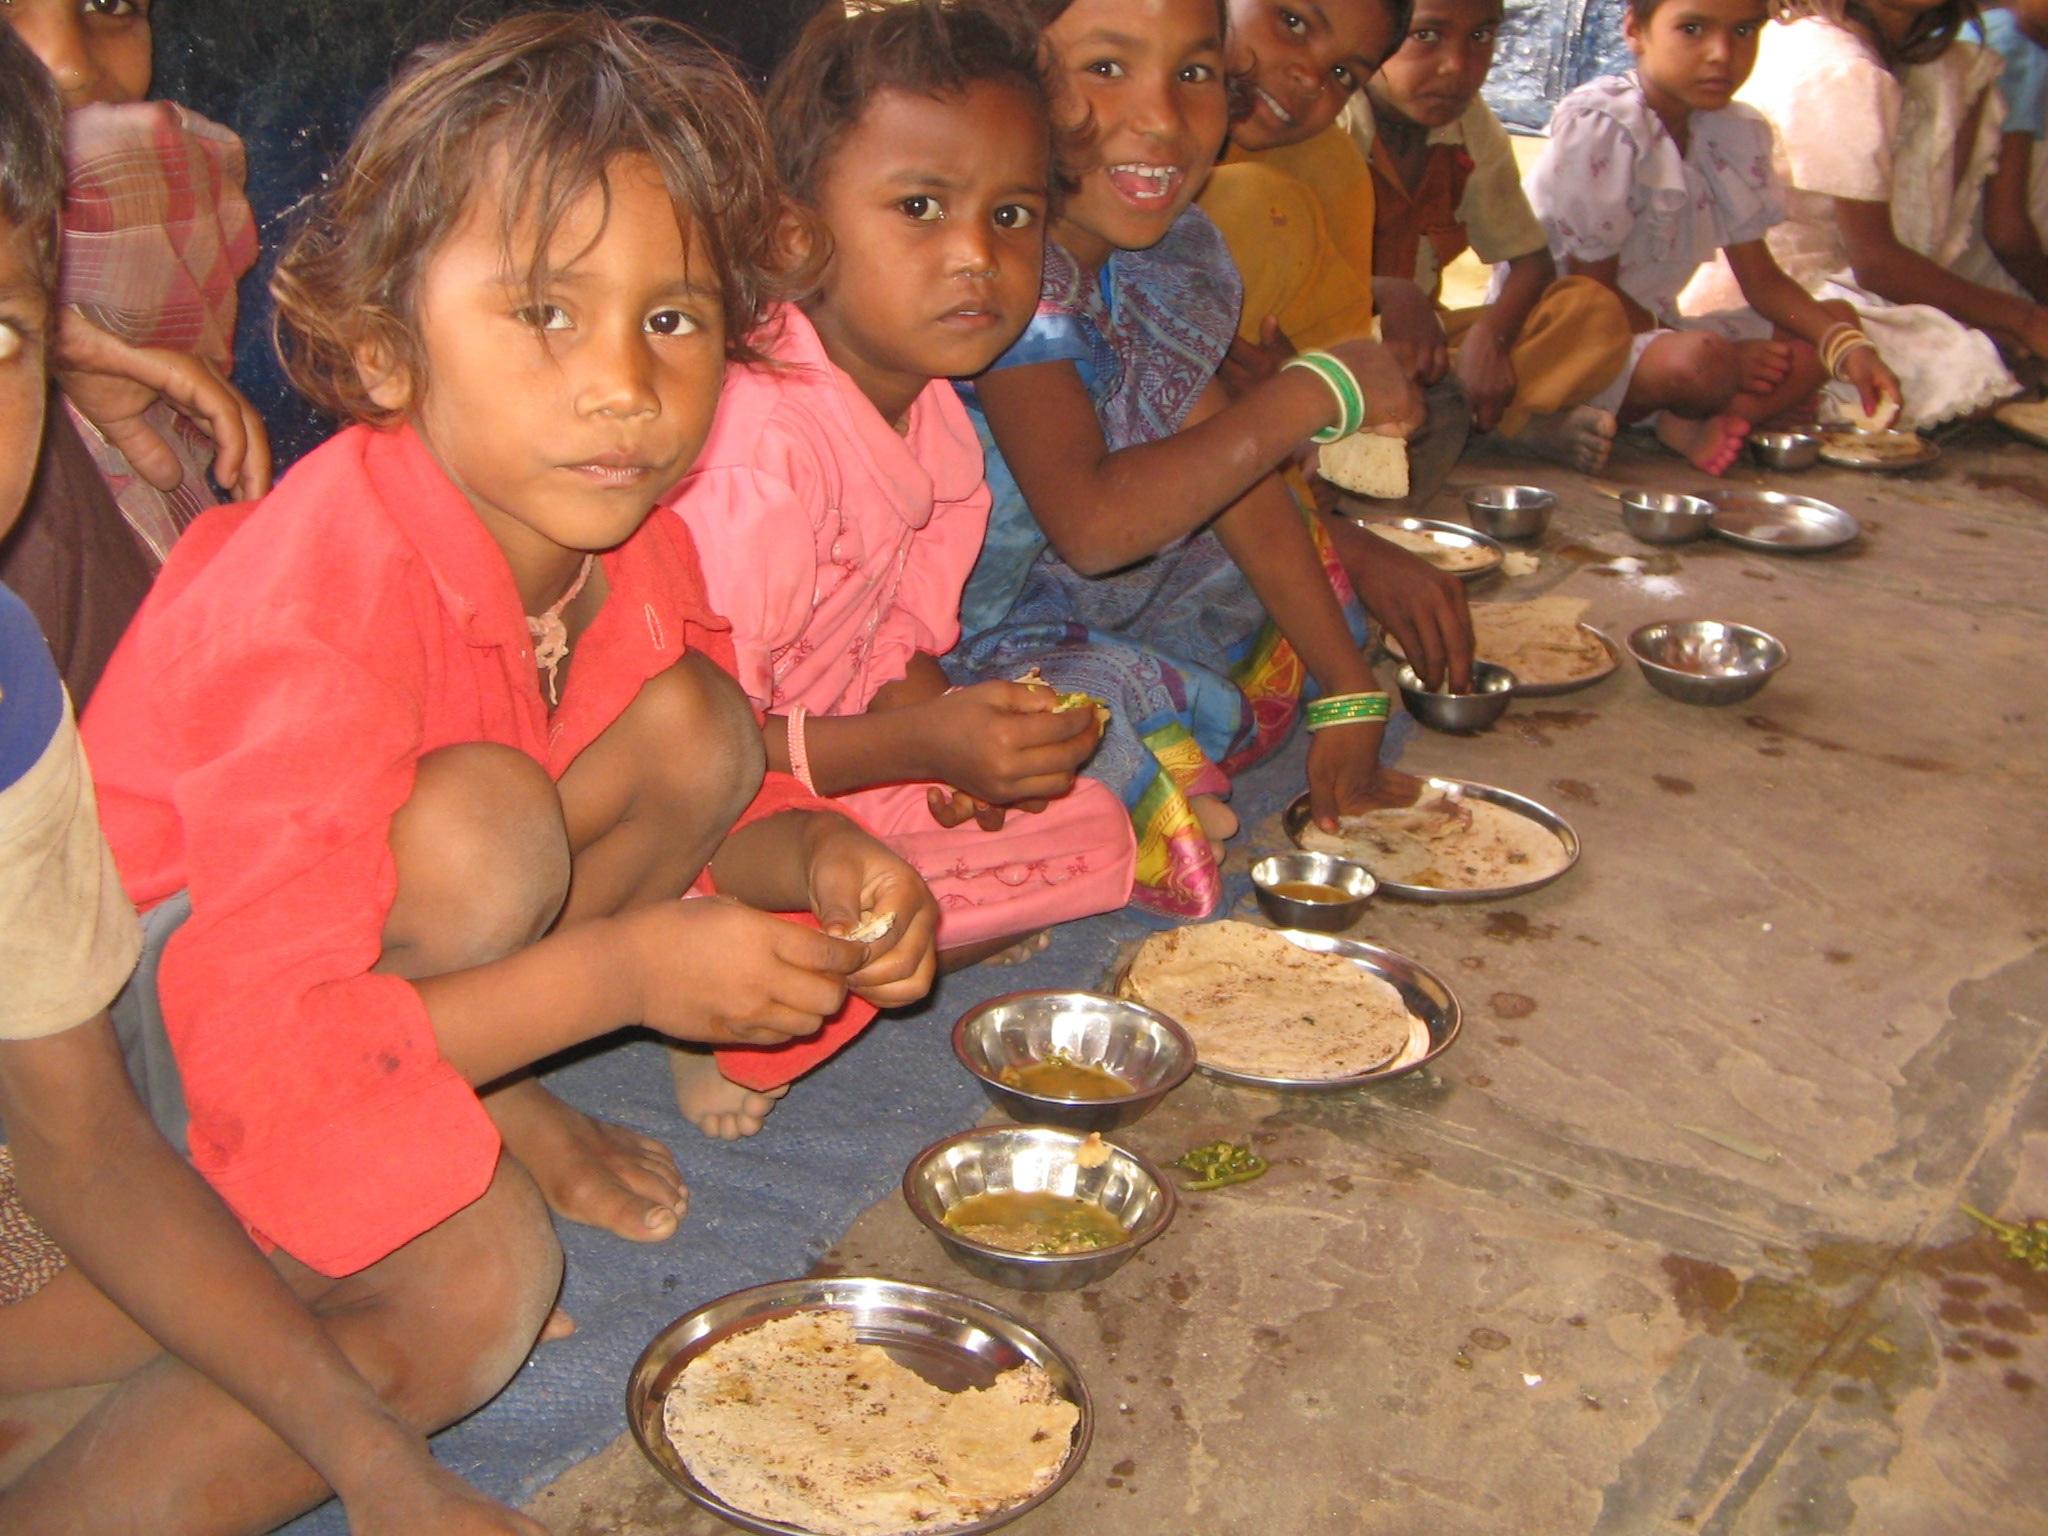 Favori Images Gratuites : gens, plat, aliments, enfant, la pauvreté  AB91